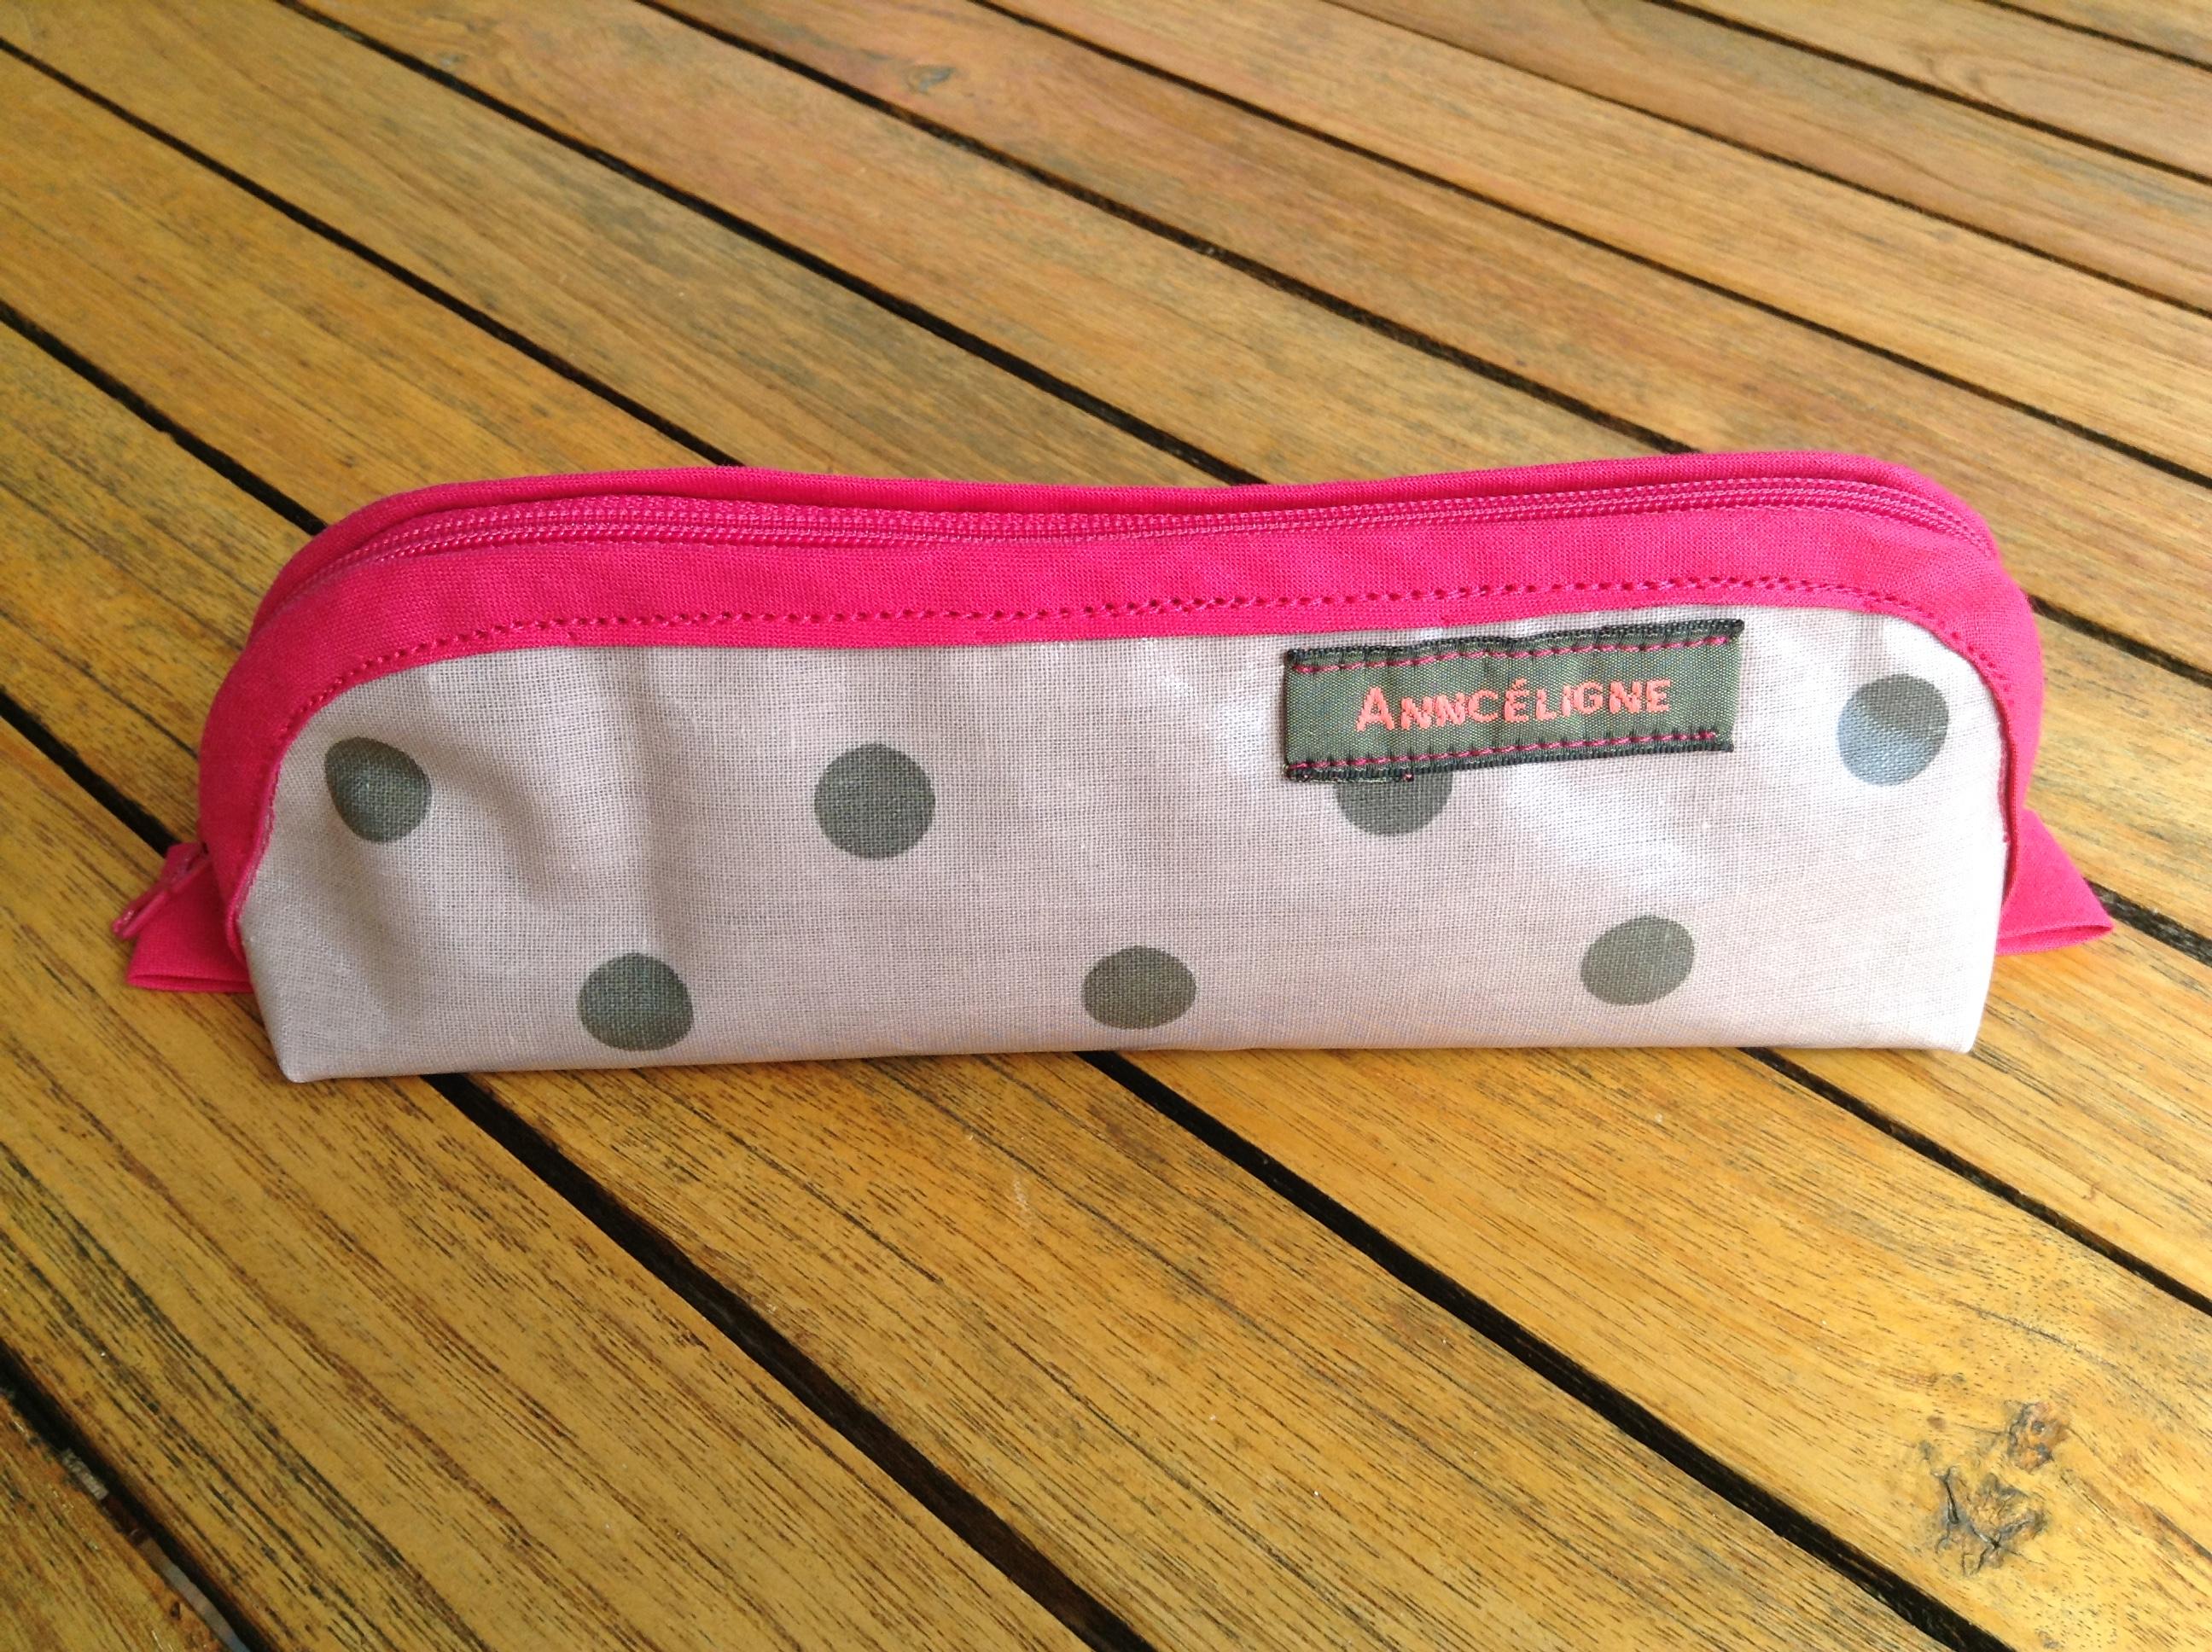 tache de stylo sur tissu retirer les taches de maquillage pour retirer sur du tissu une tache. Black Bedroom Furniture Sets. Home Design Ideas